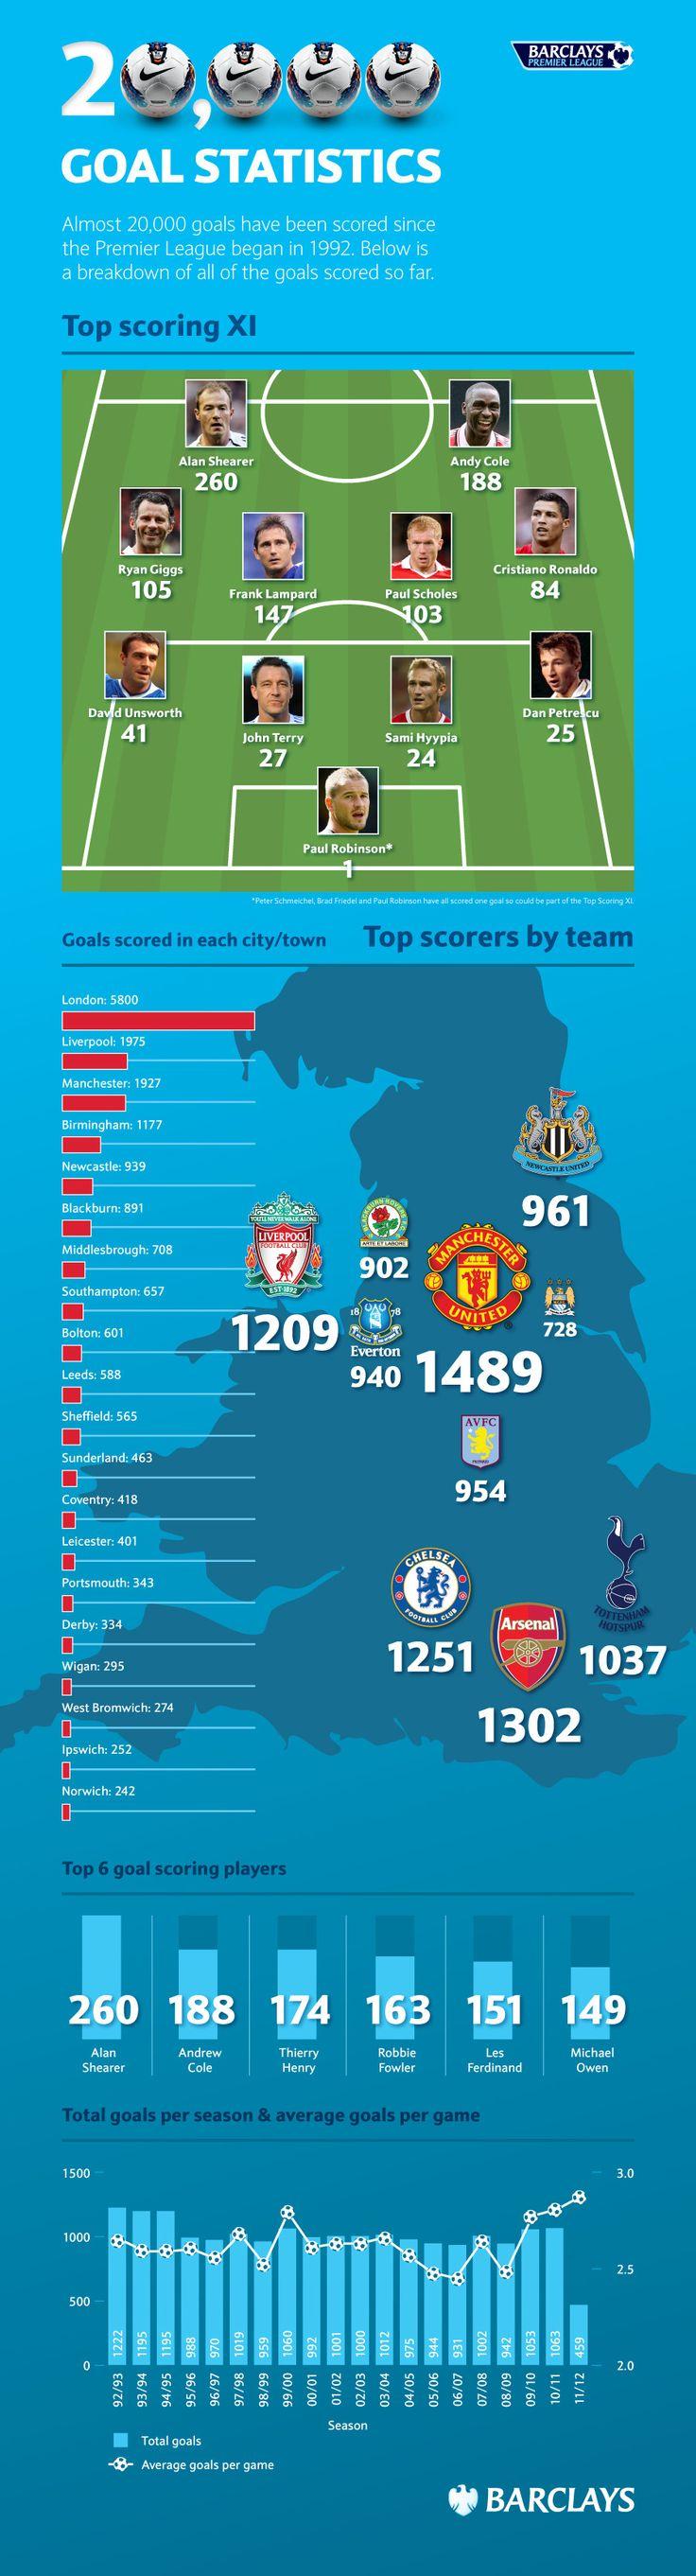 20,000 Premier League Goals: An Infographic Breakdown